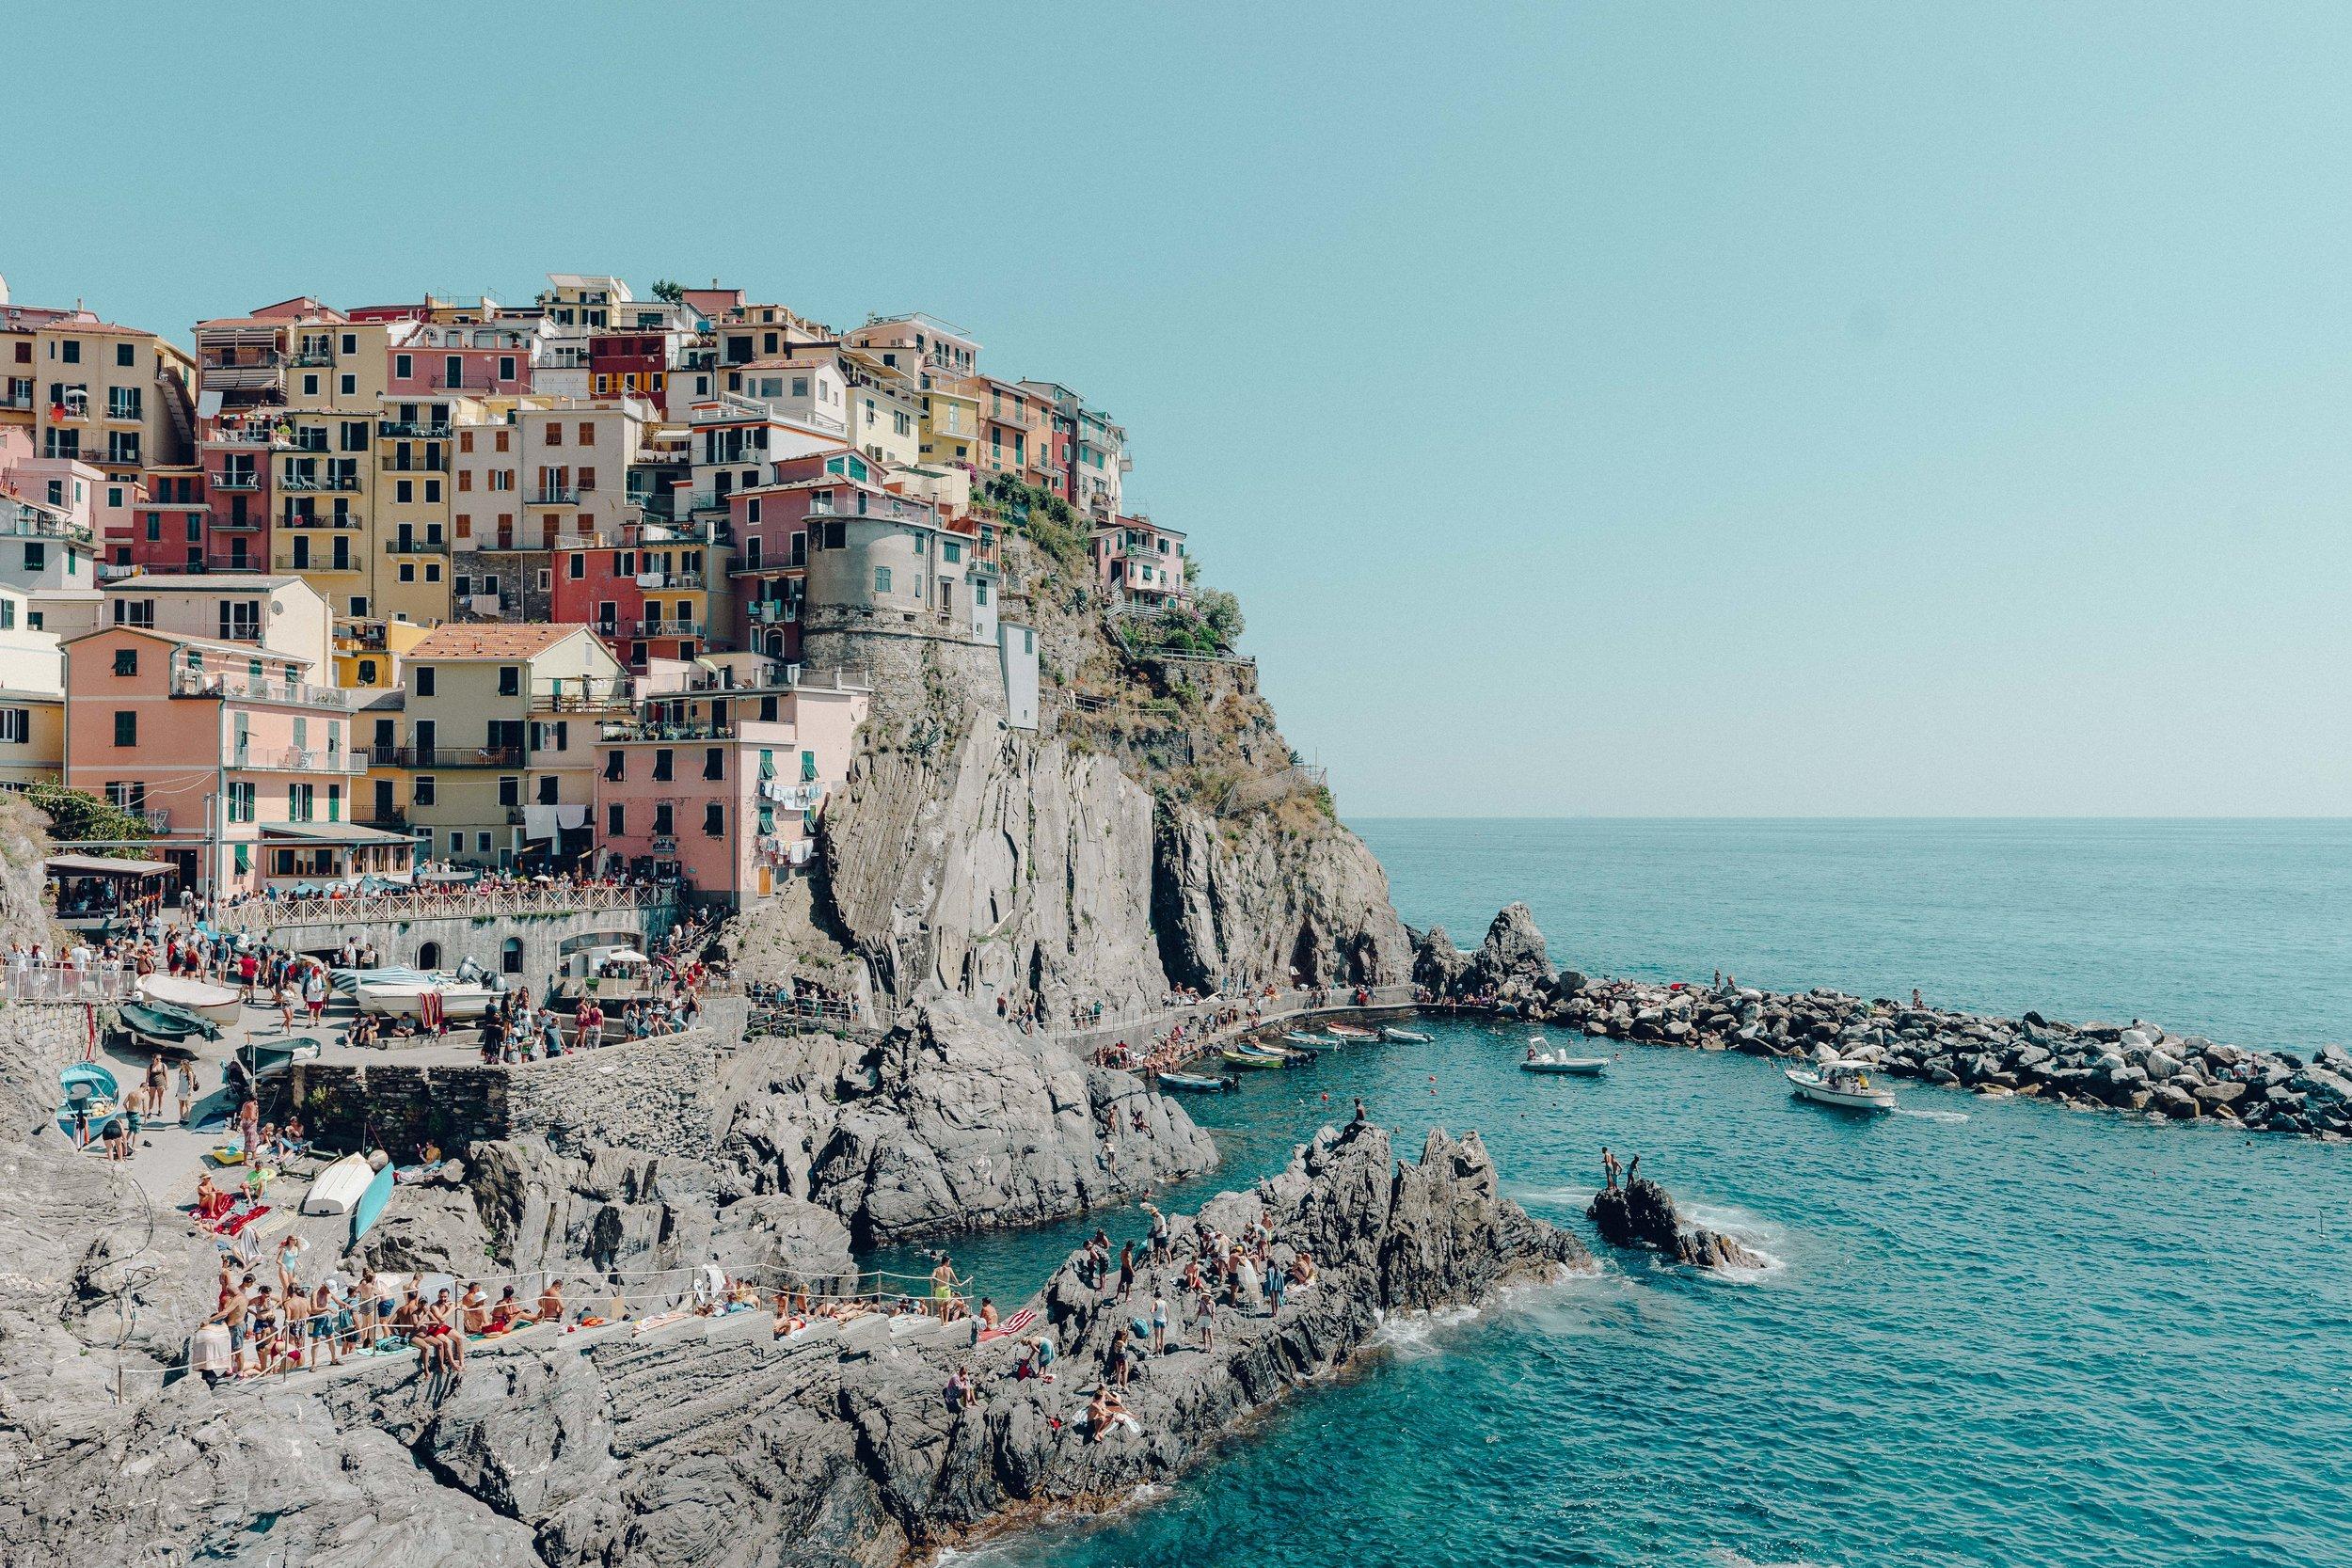 ASROSENVINGE_Roadtrip_Italy_Cinque_Terre-07853.jpg